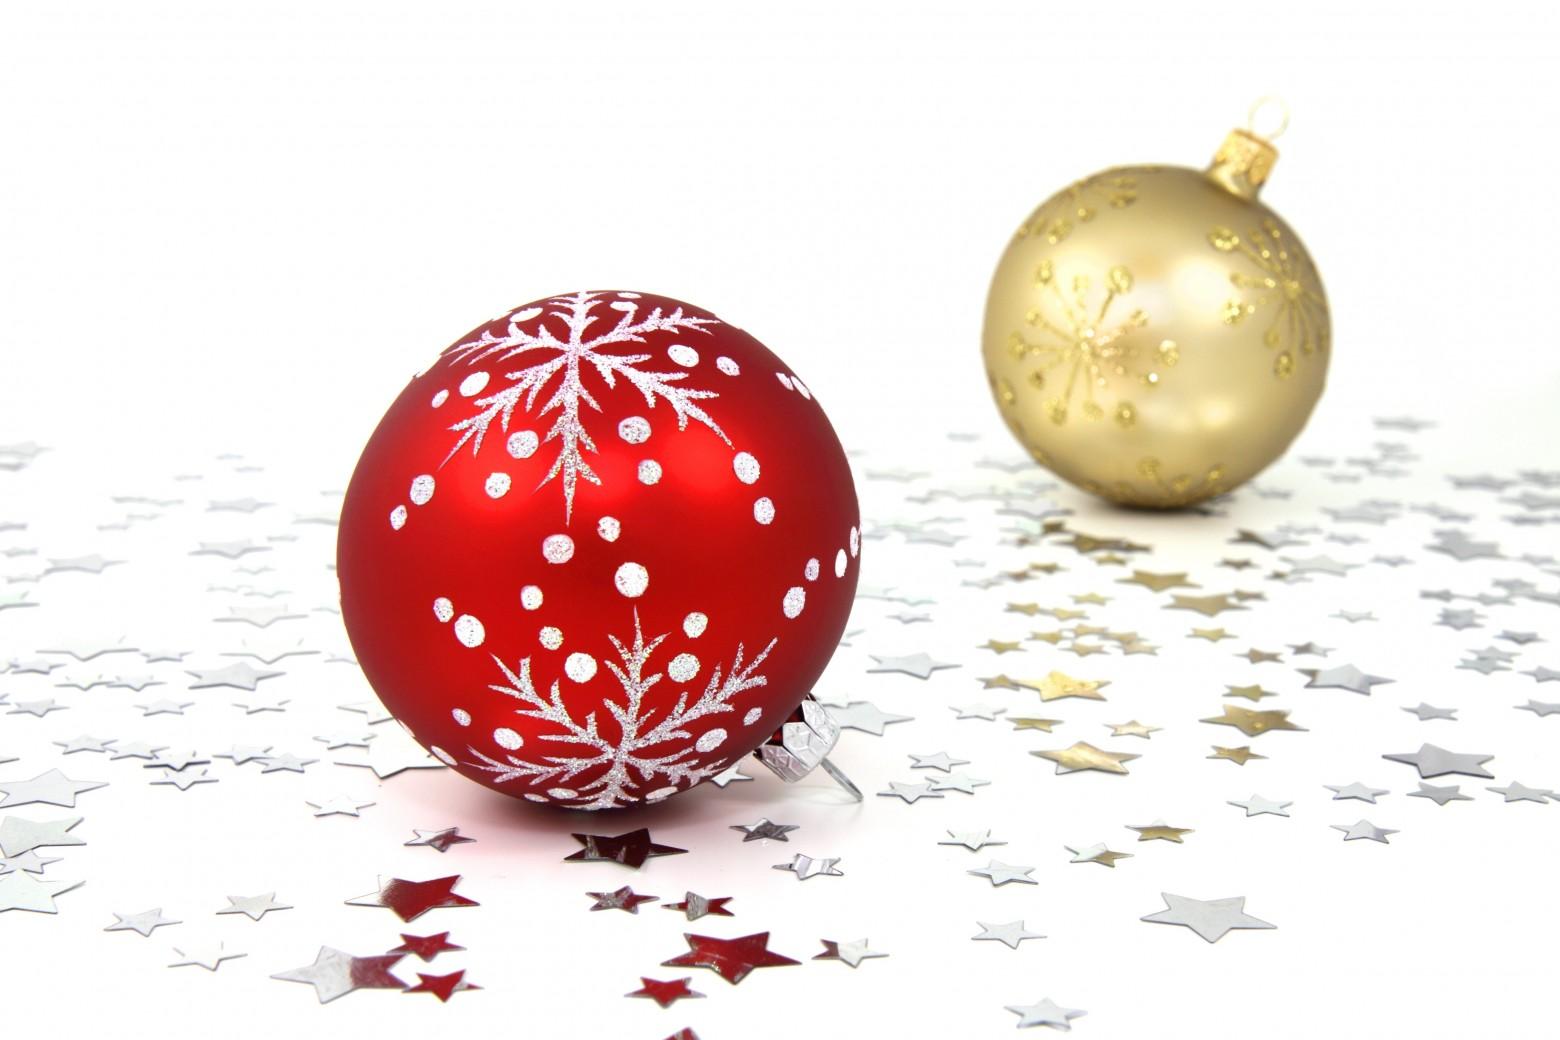 Joyeux_Noel_et_bonne_annee